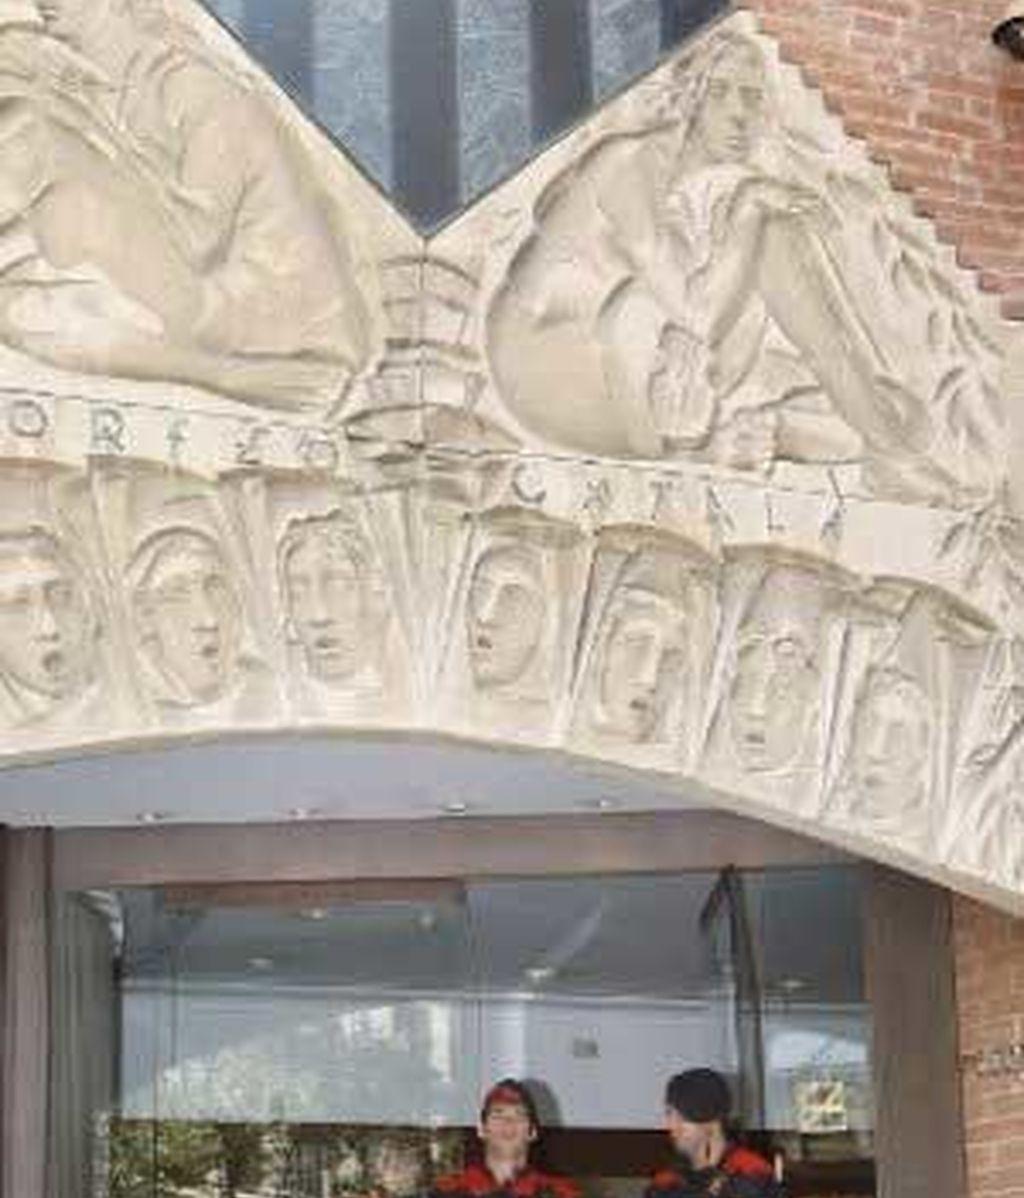 El informe de hacienda ha sido entregado al juez Juli Solaz, que investiga el caso de desvío de dinero del Palau de la Música. Foto: EFE/Archivo